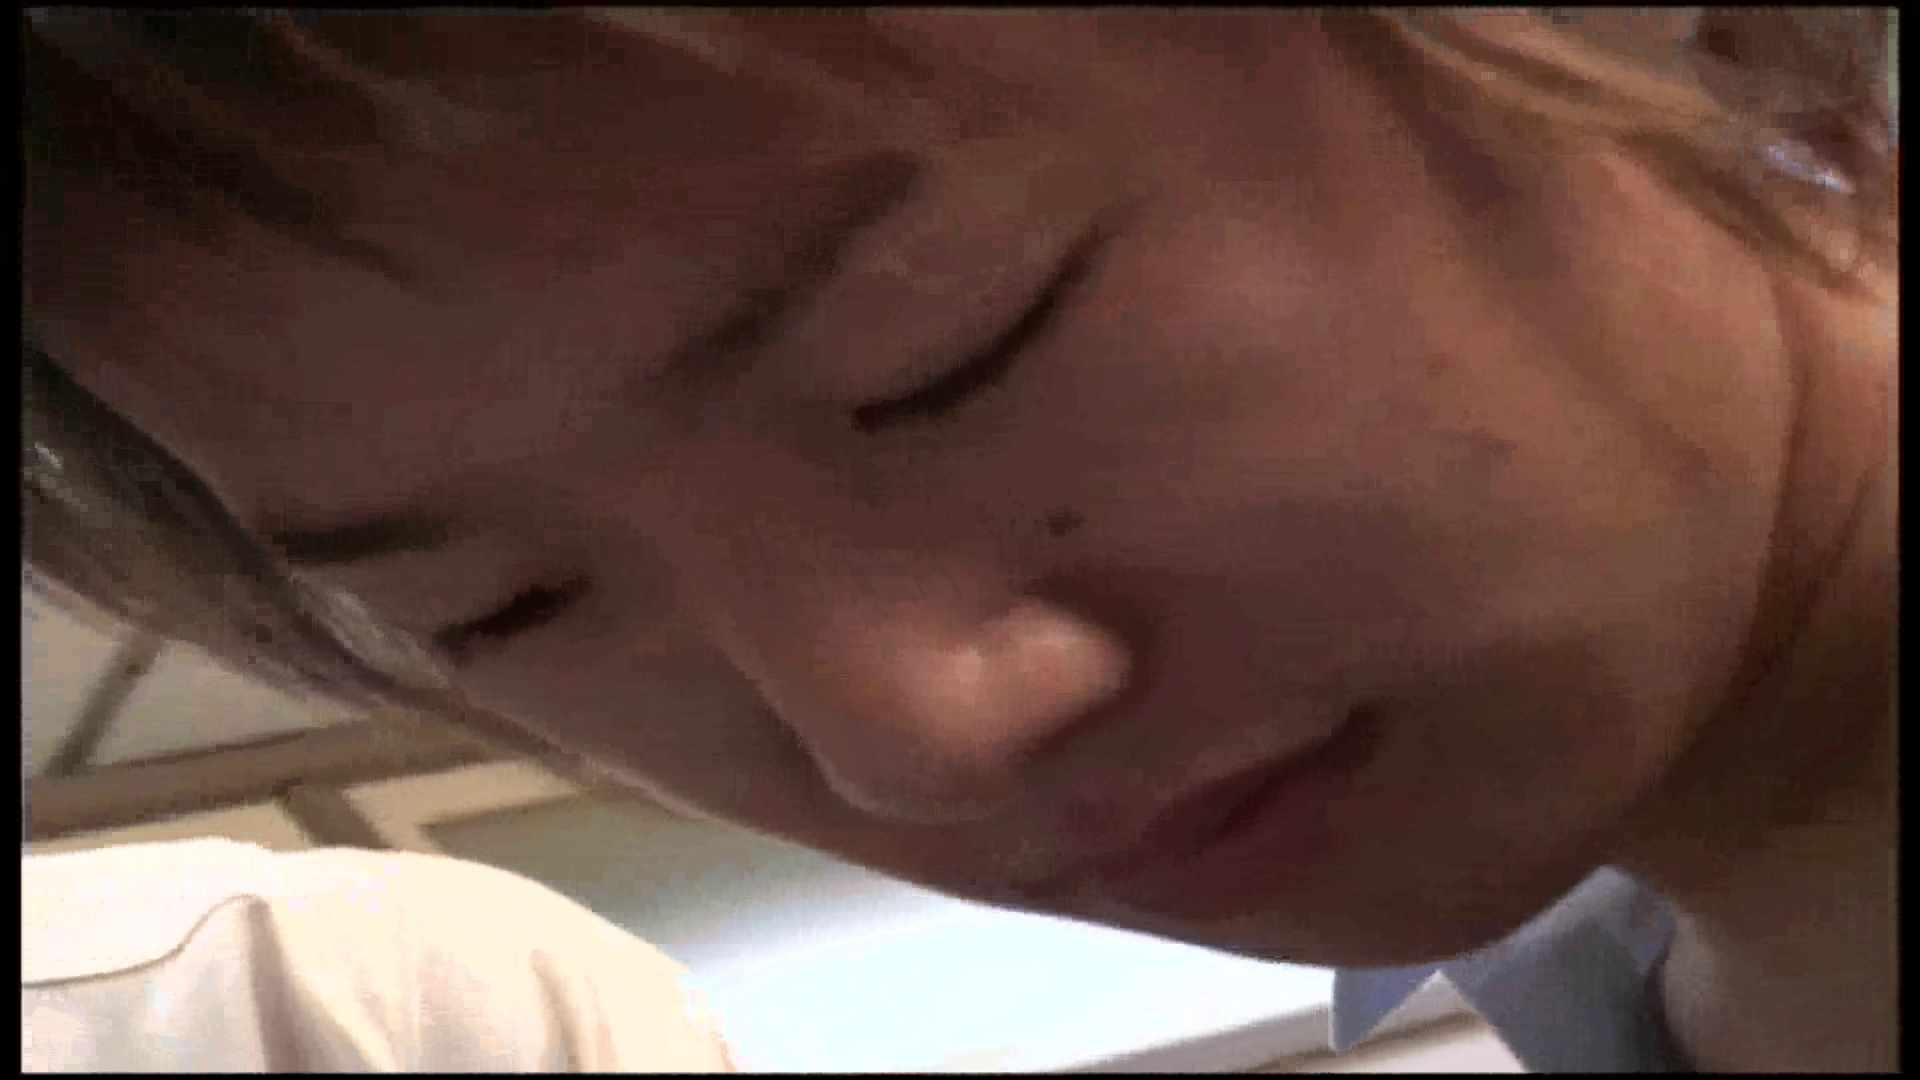 専門学校にて居残り授業の更に居残り授業 前編 ケツマン ゲイエロ動画 22連発 9